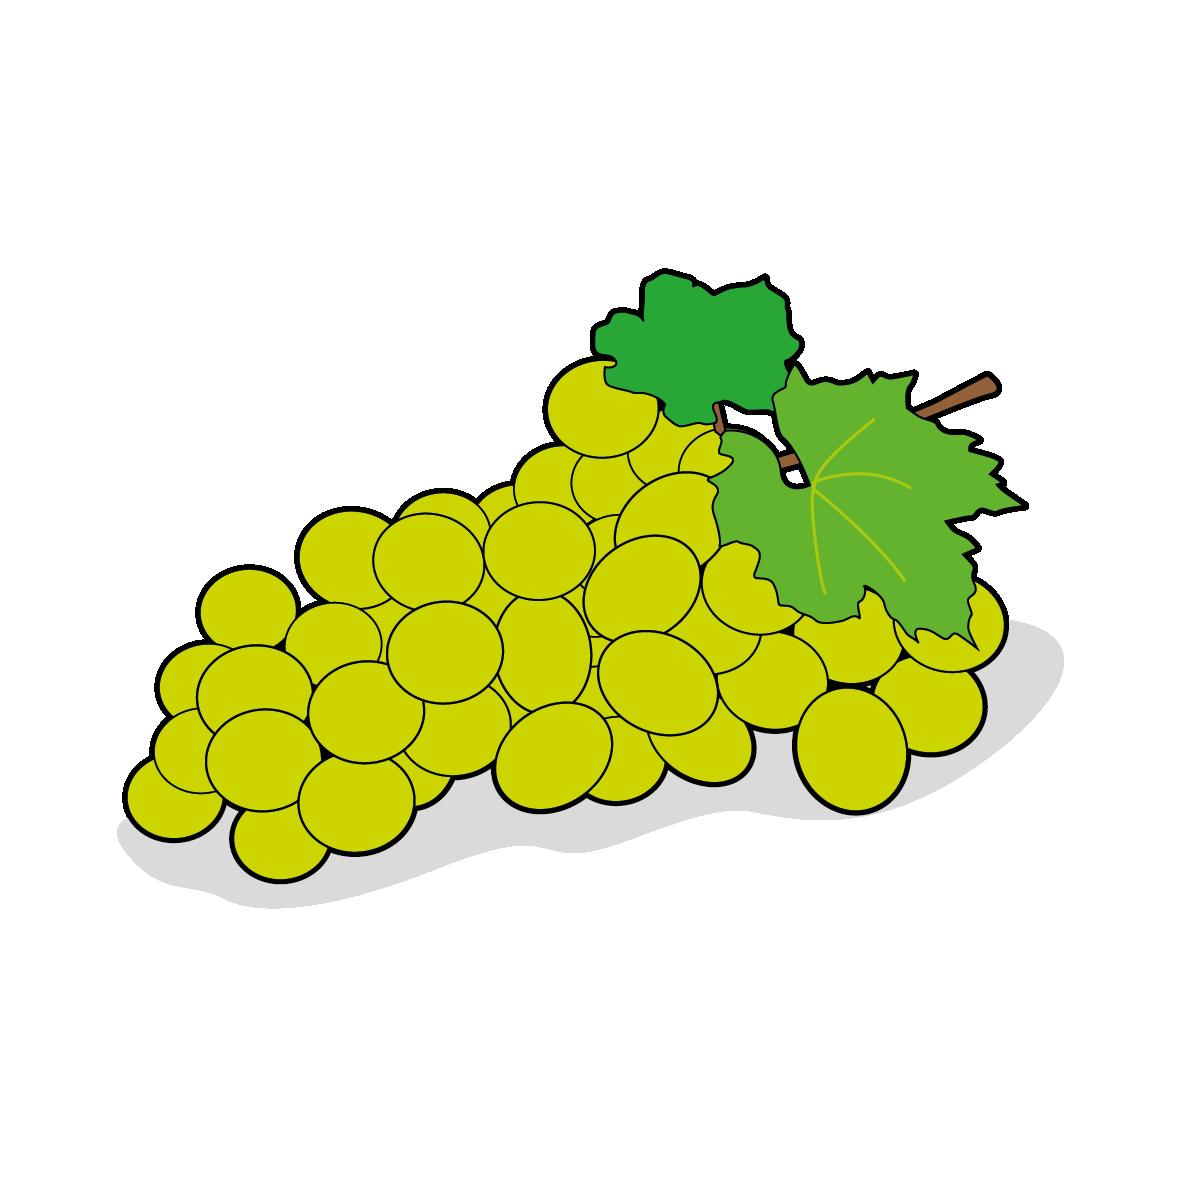 Icone d'une grappe de raisin, ailmacocotte.com